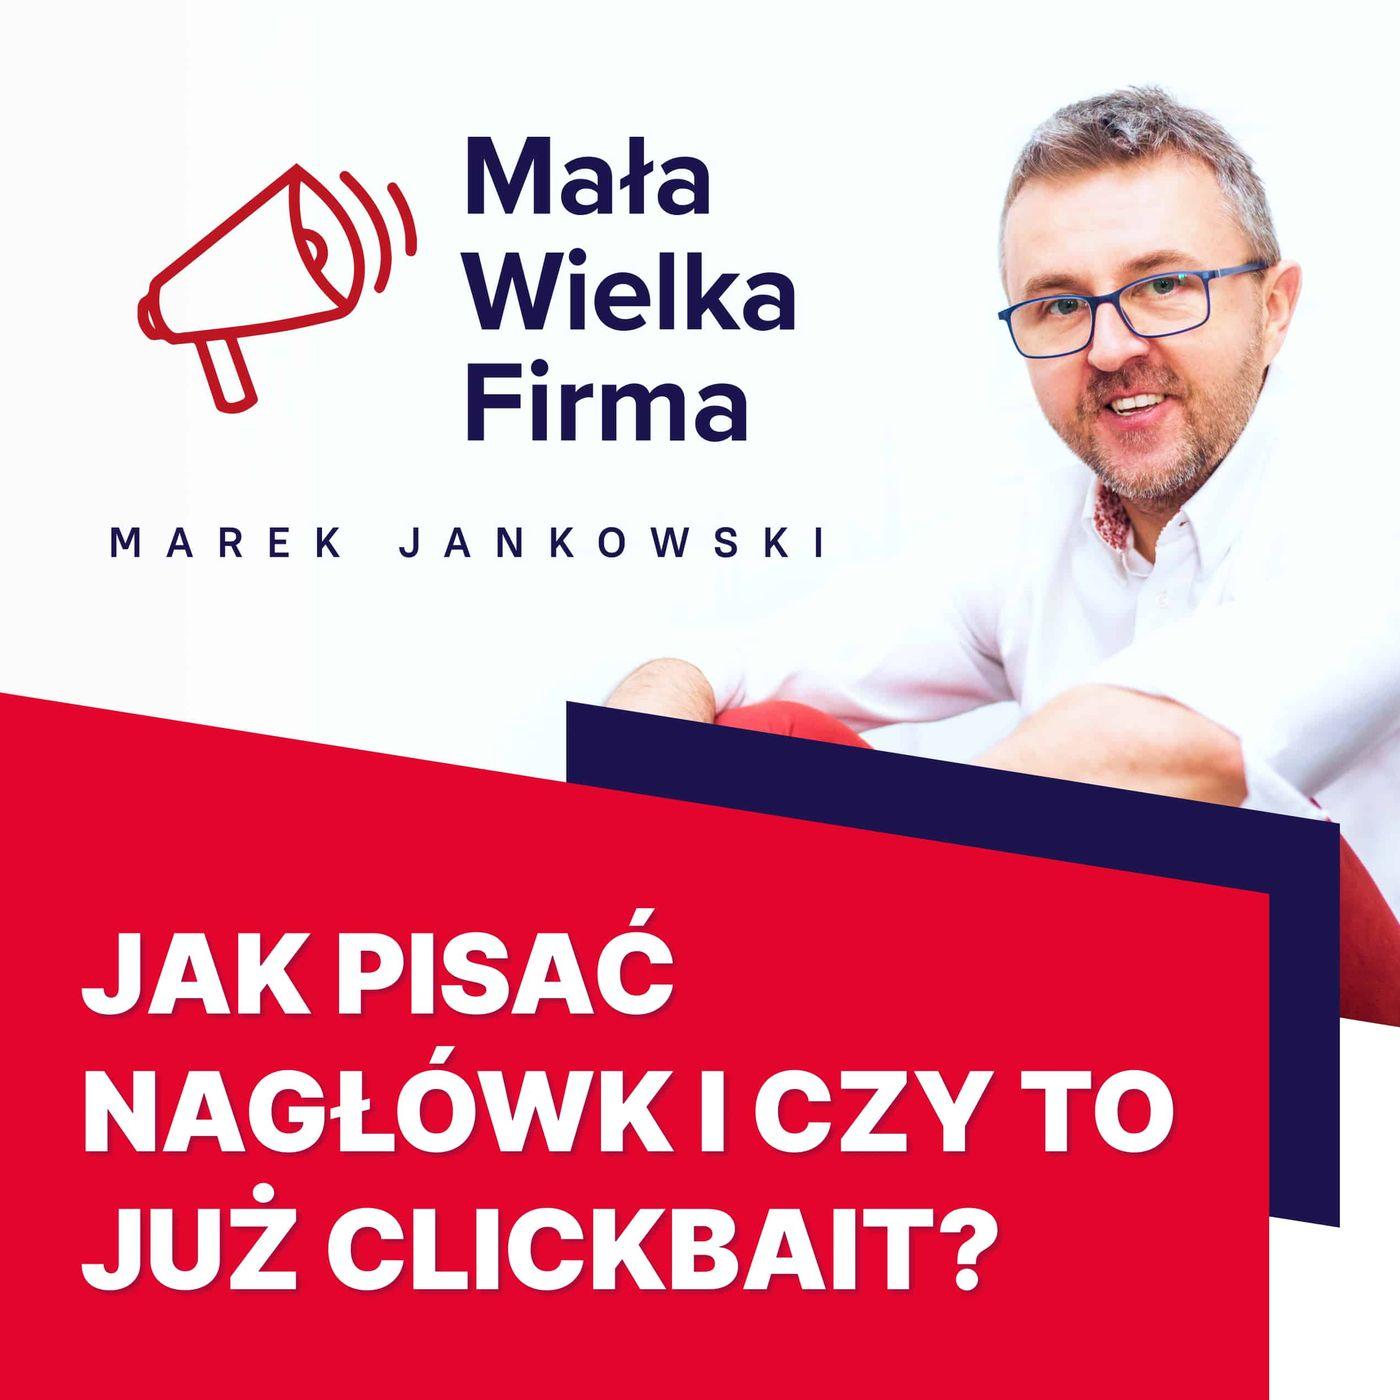 370: Clickbait nie musi być zły, czyli jak pisać nagłówki | Olga Wadowska